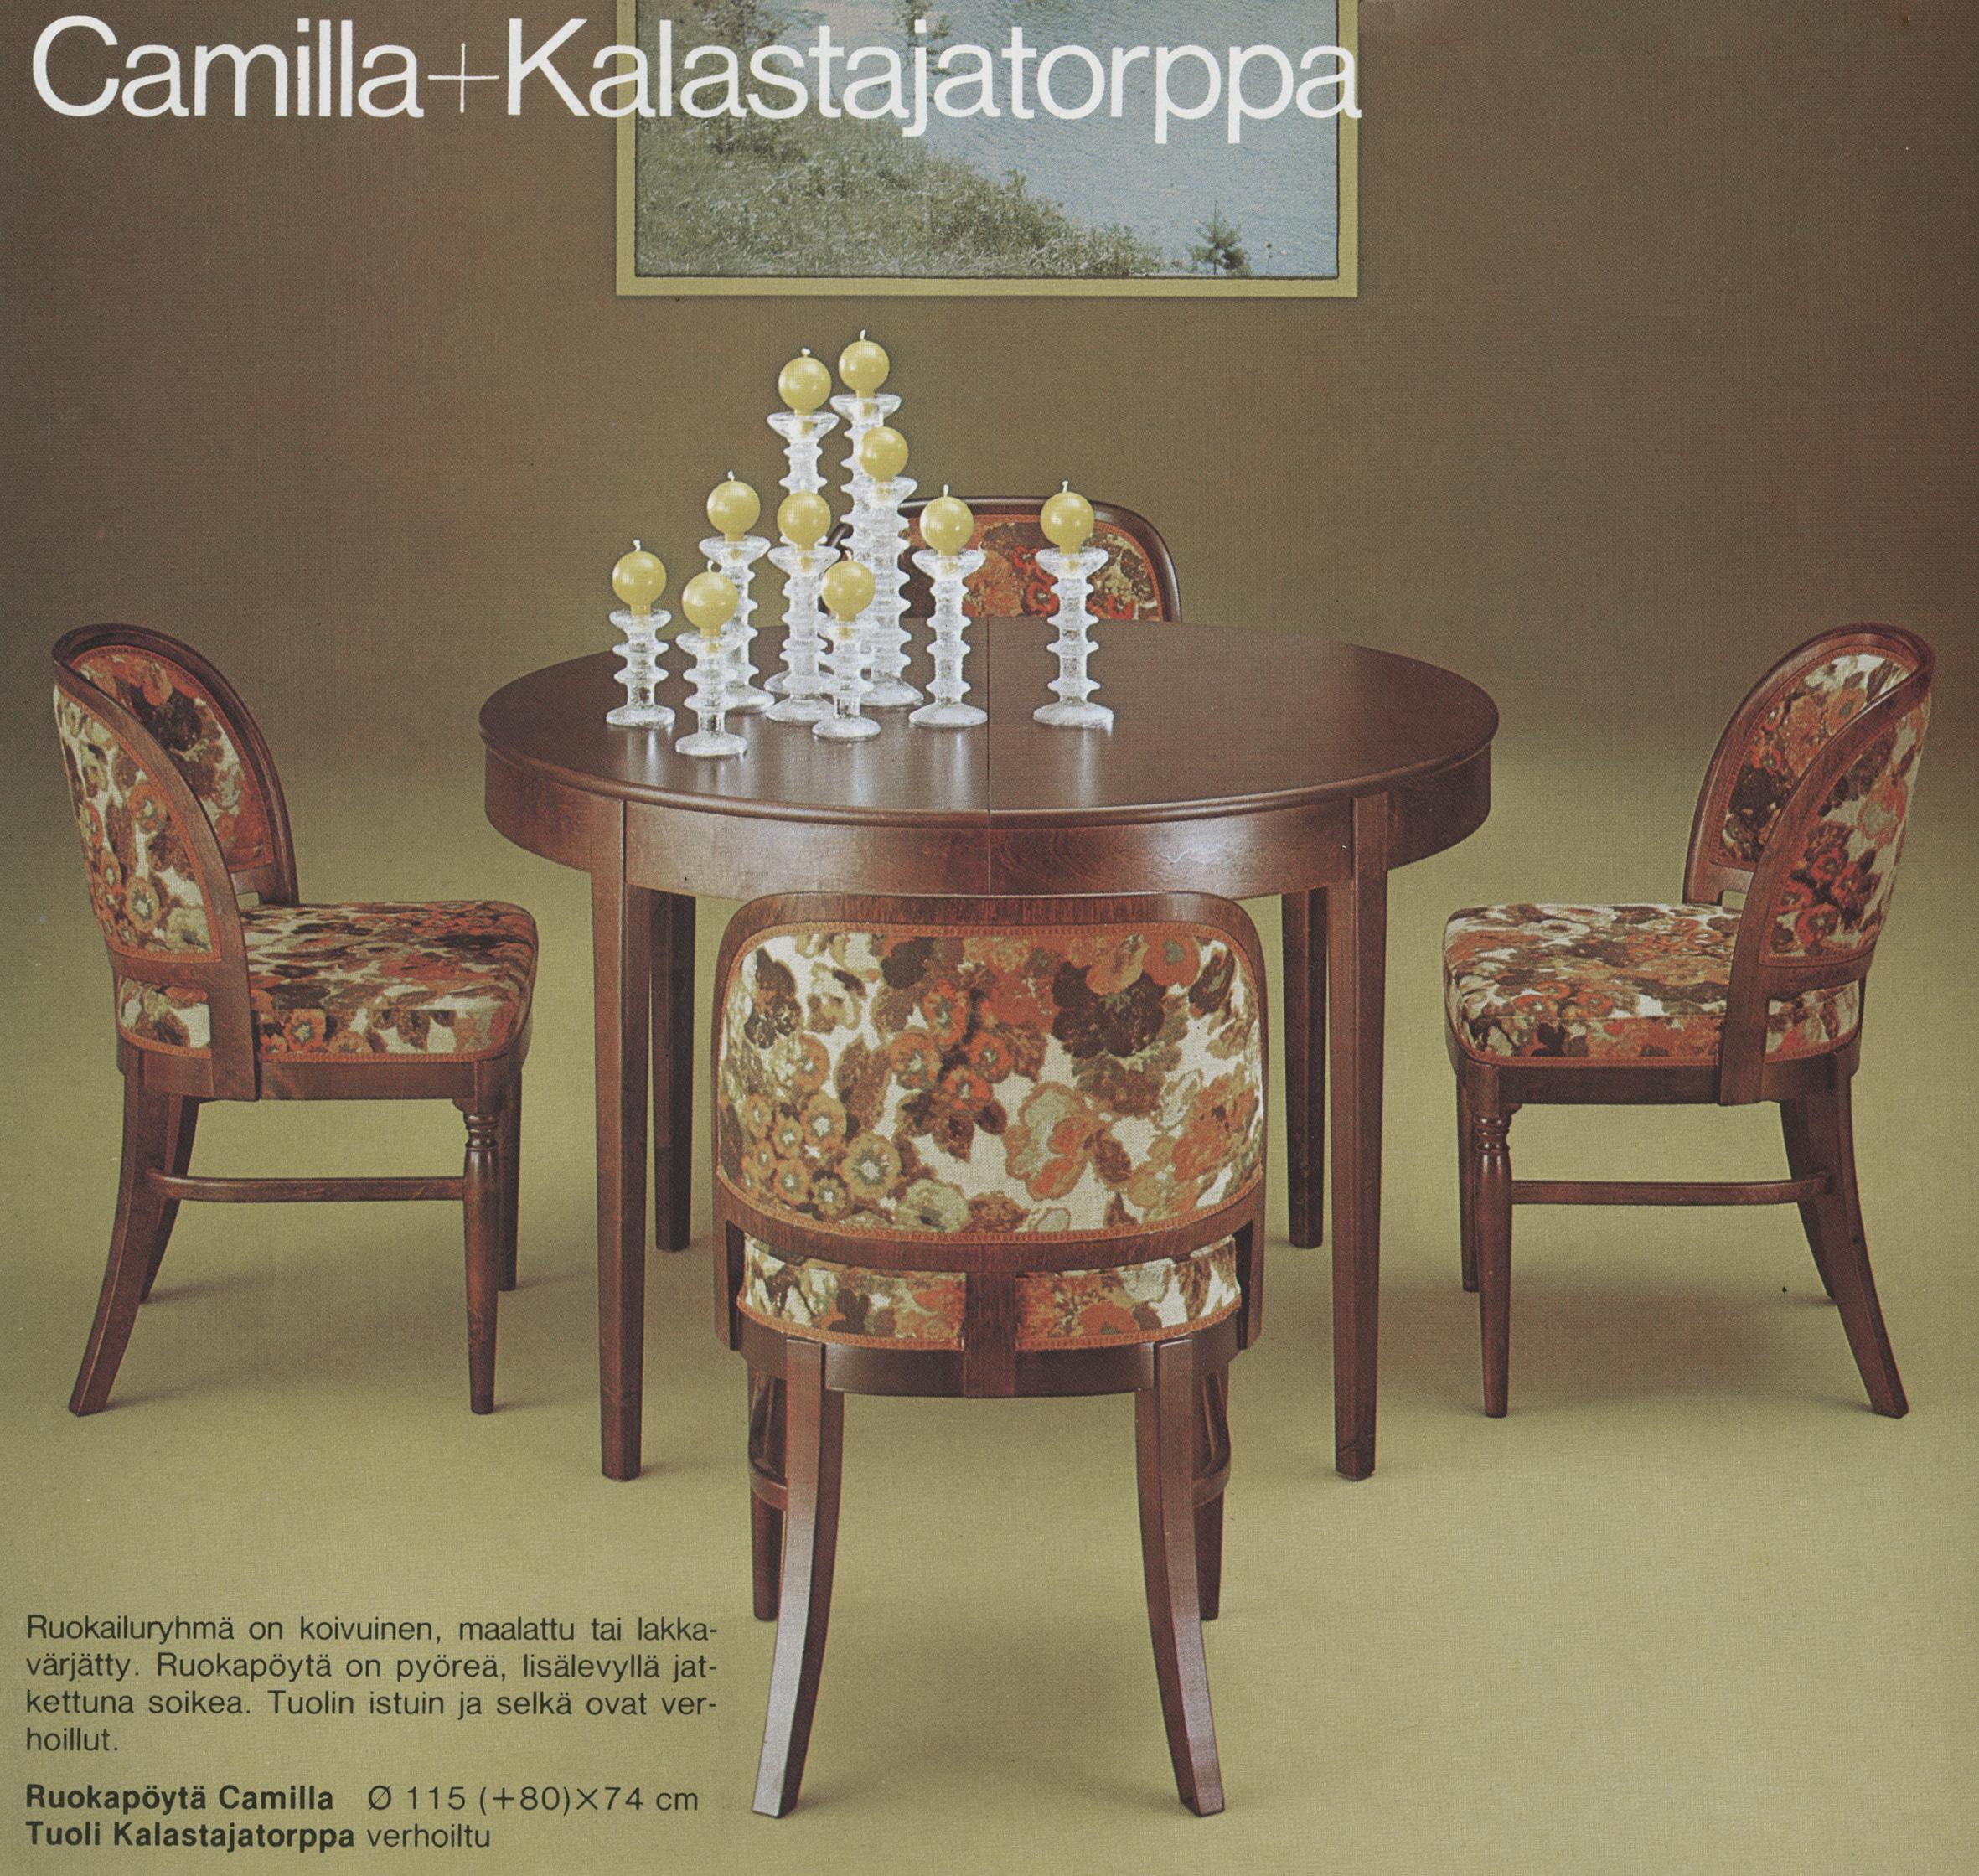 Ruokailuryhmä Camilla ja Kalastajatorppa.